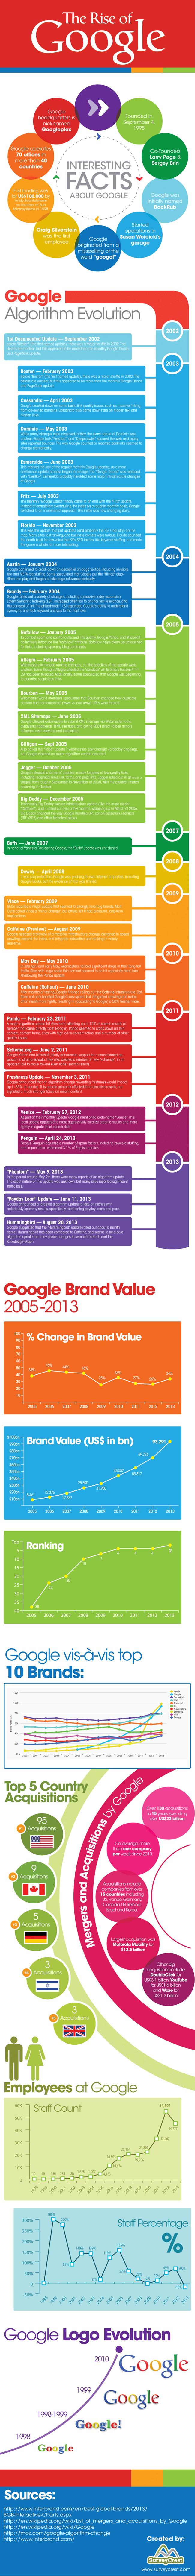 El ascenso de Google